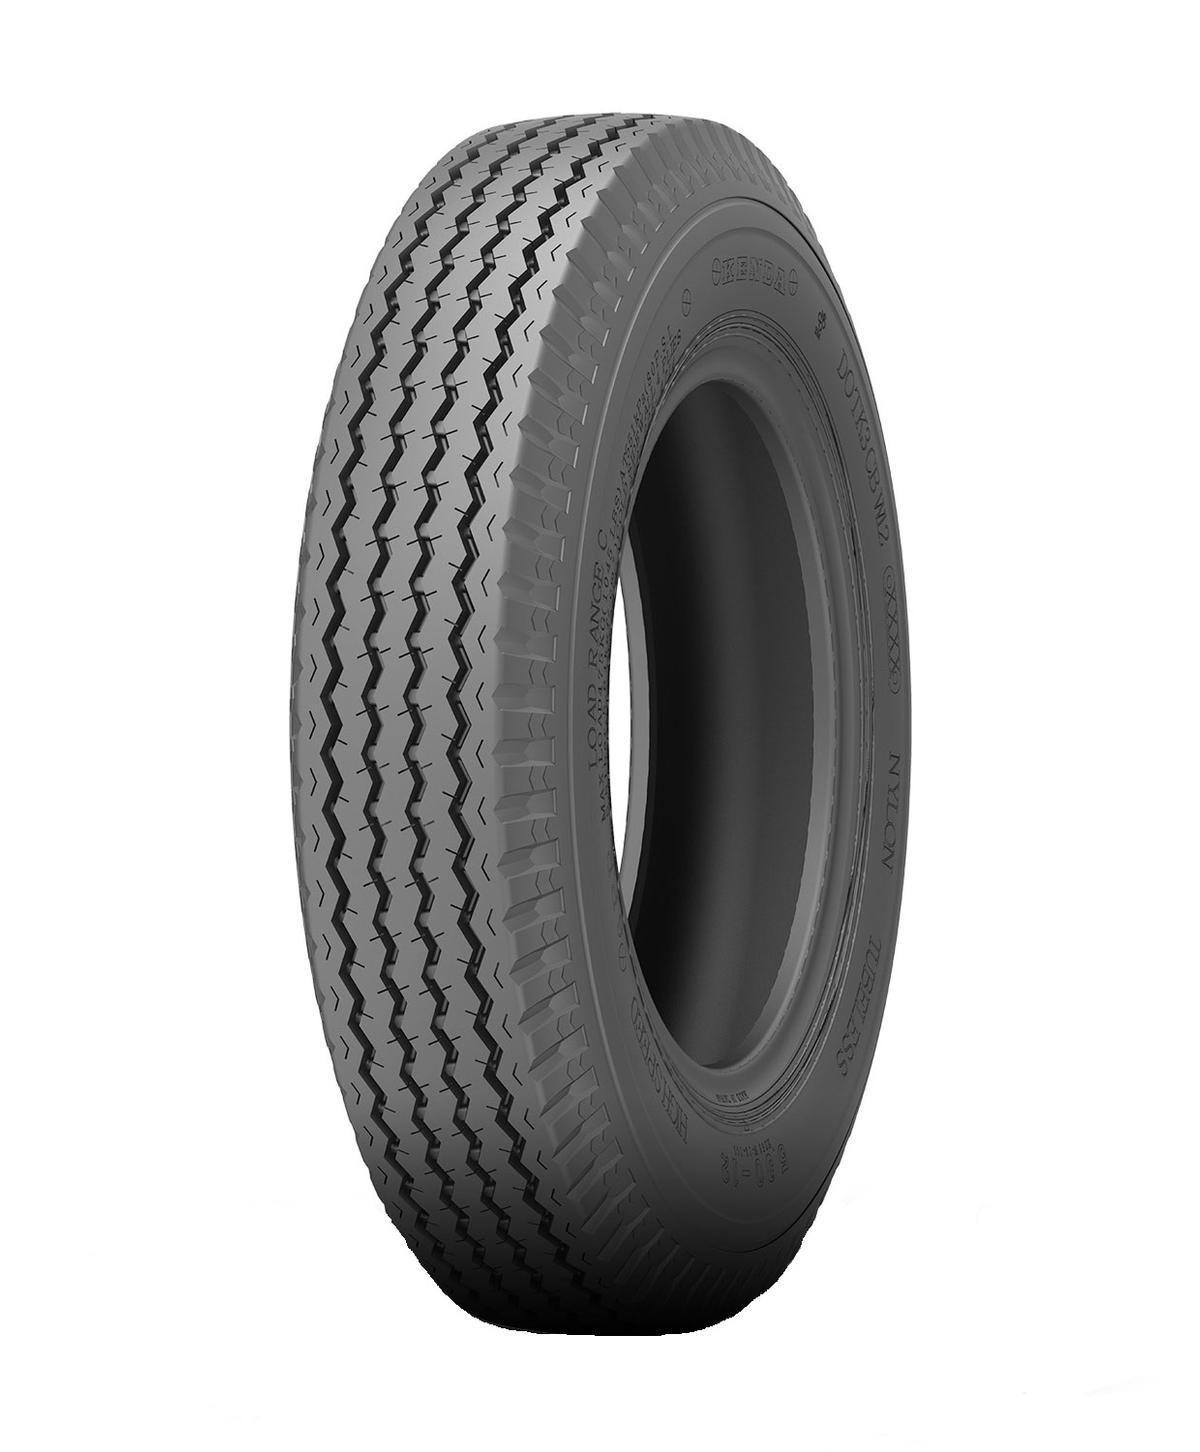 Kenda K353 Loadstar 4.80-12 6 Ply Trailer Tire